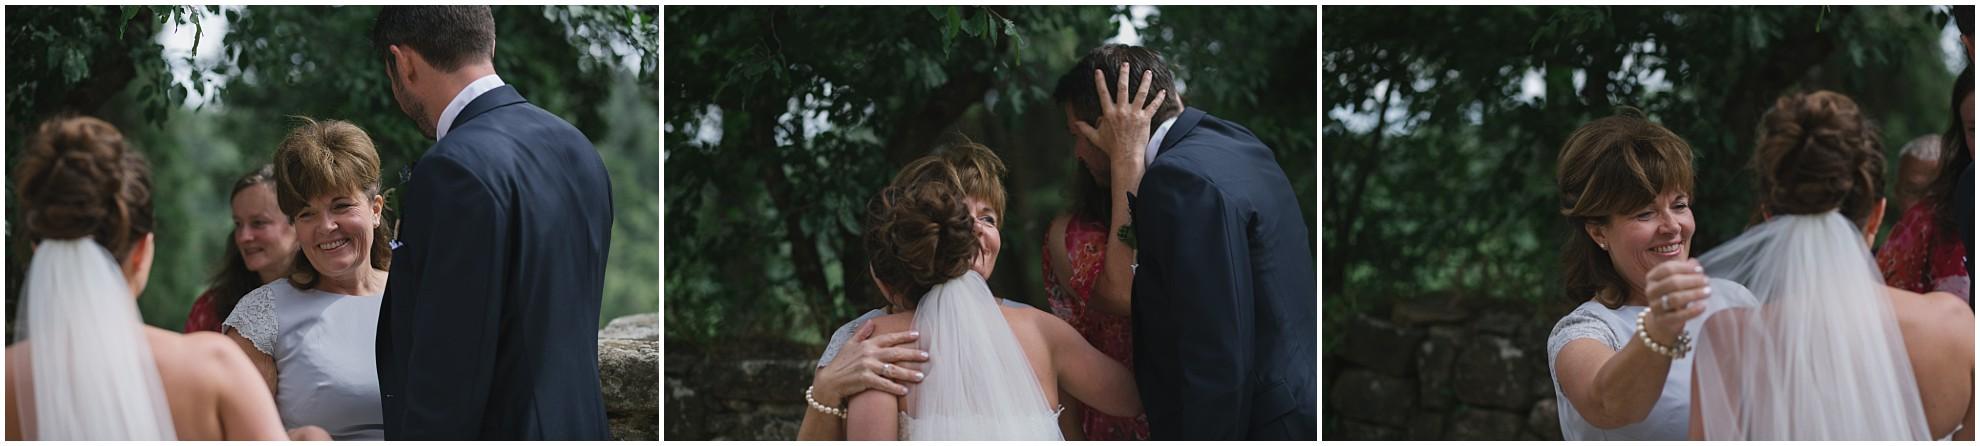 tuscany-wedding-photographer-043